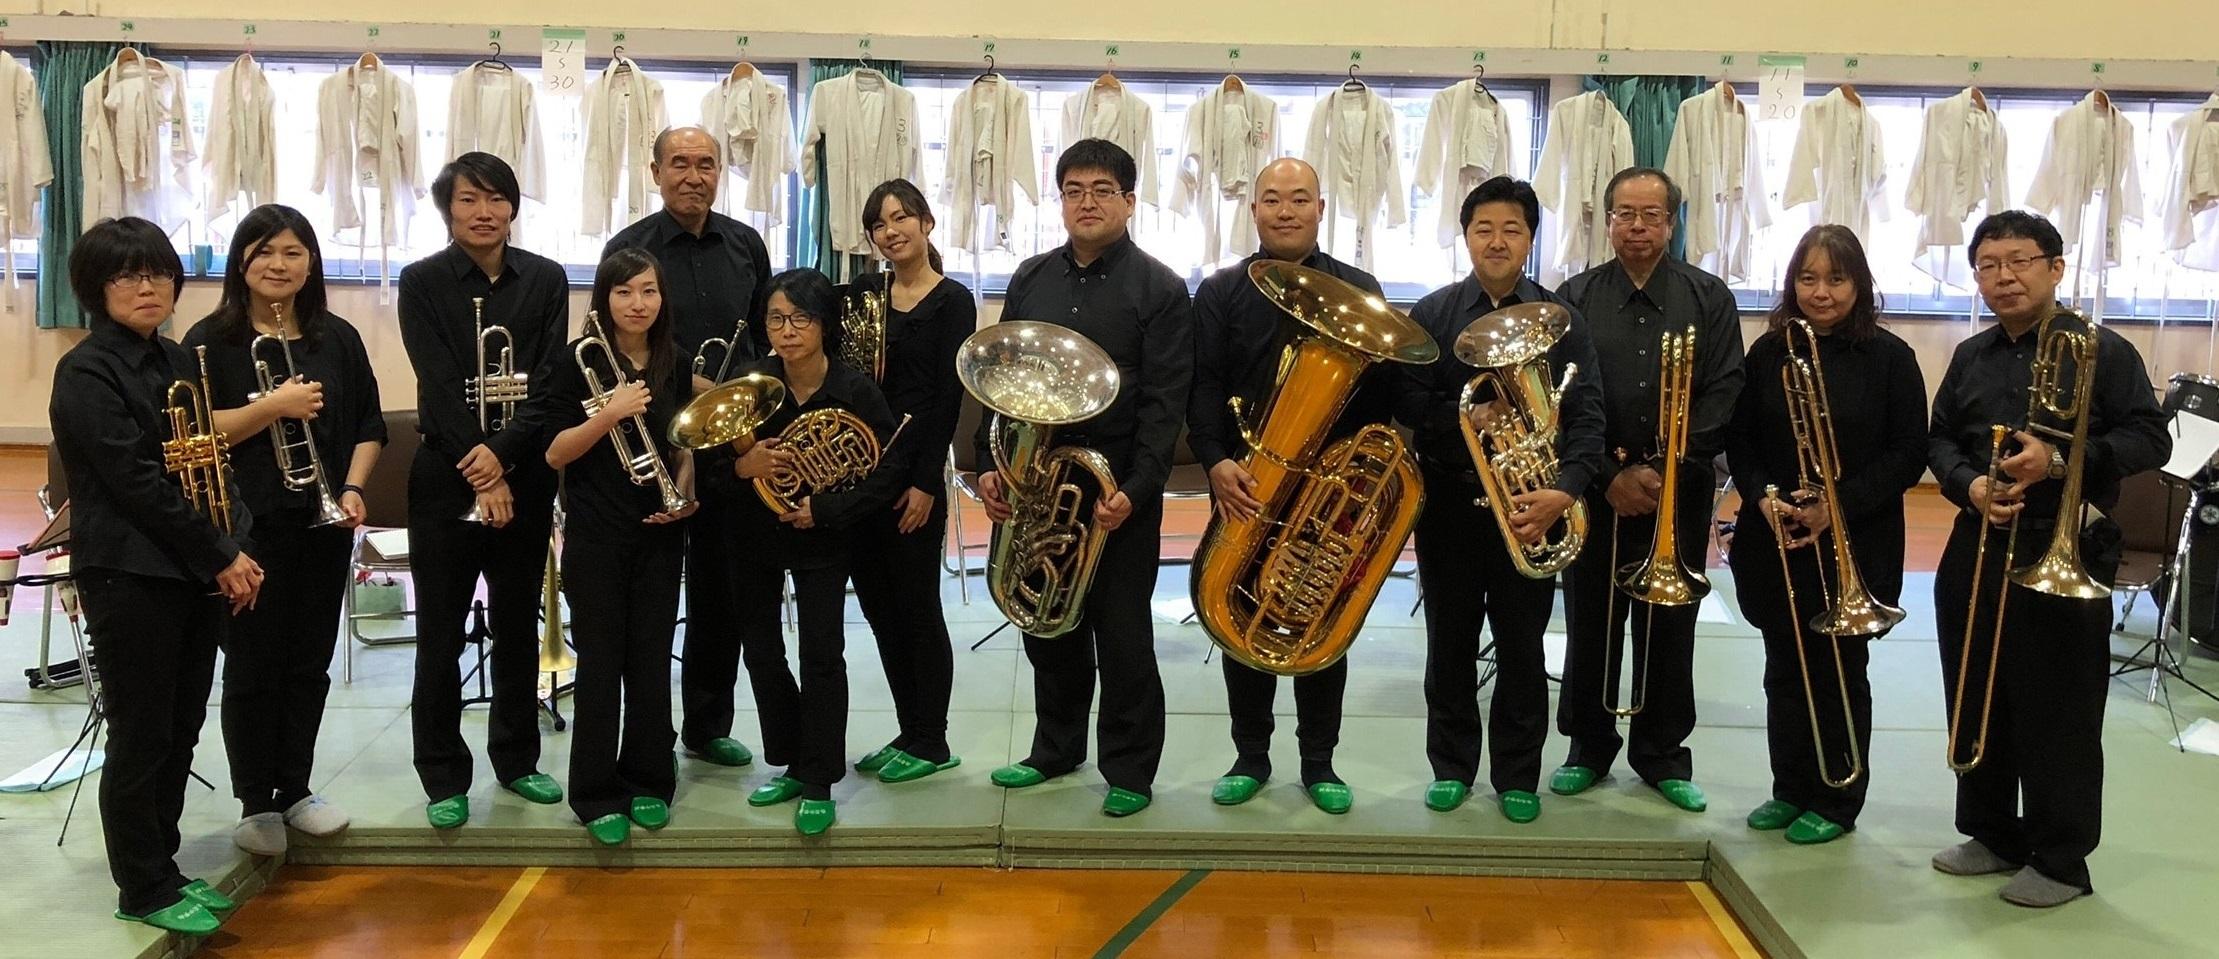 11月25日洛北中学ミニコンサートの映像をお裾分け